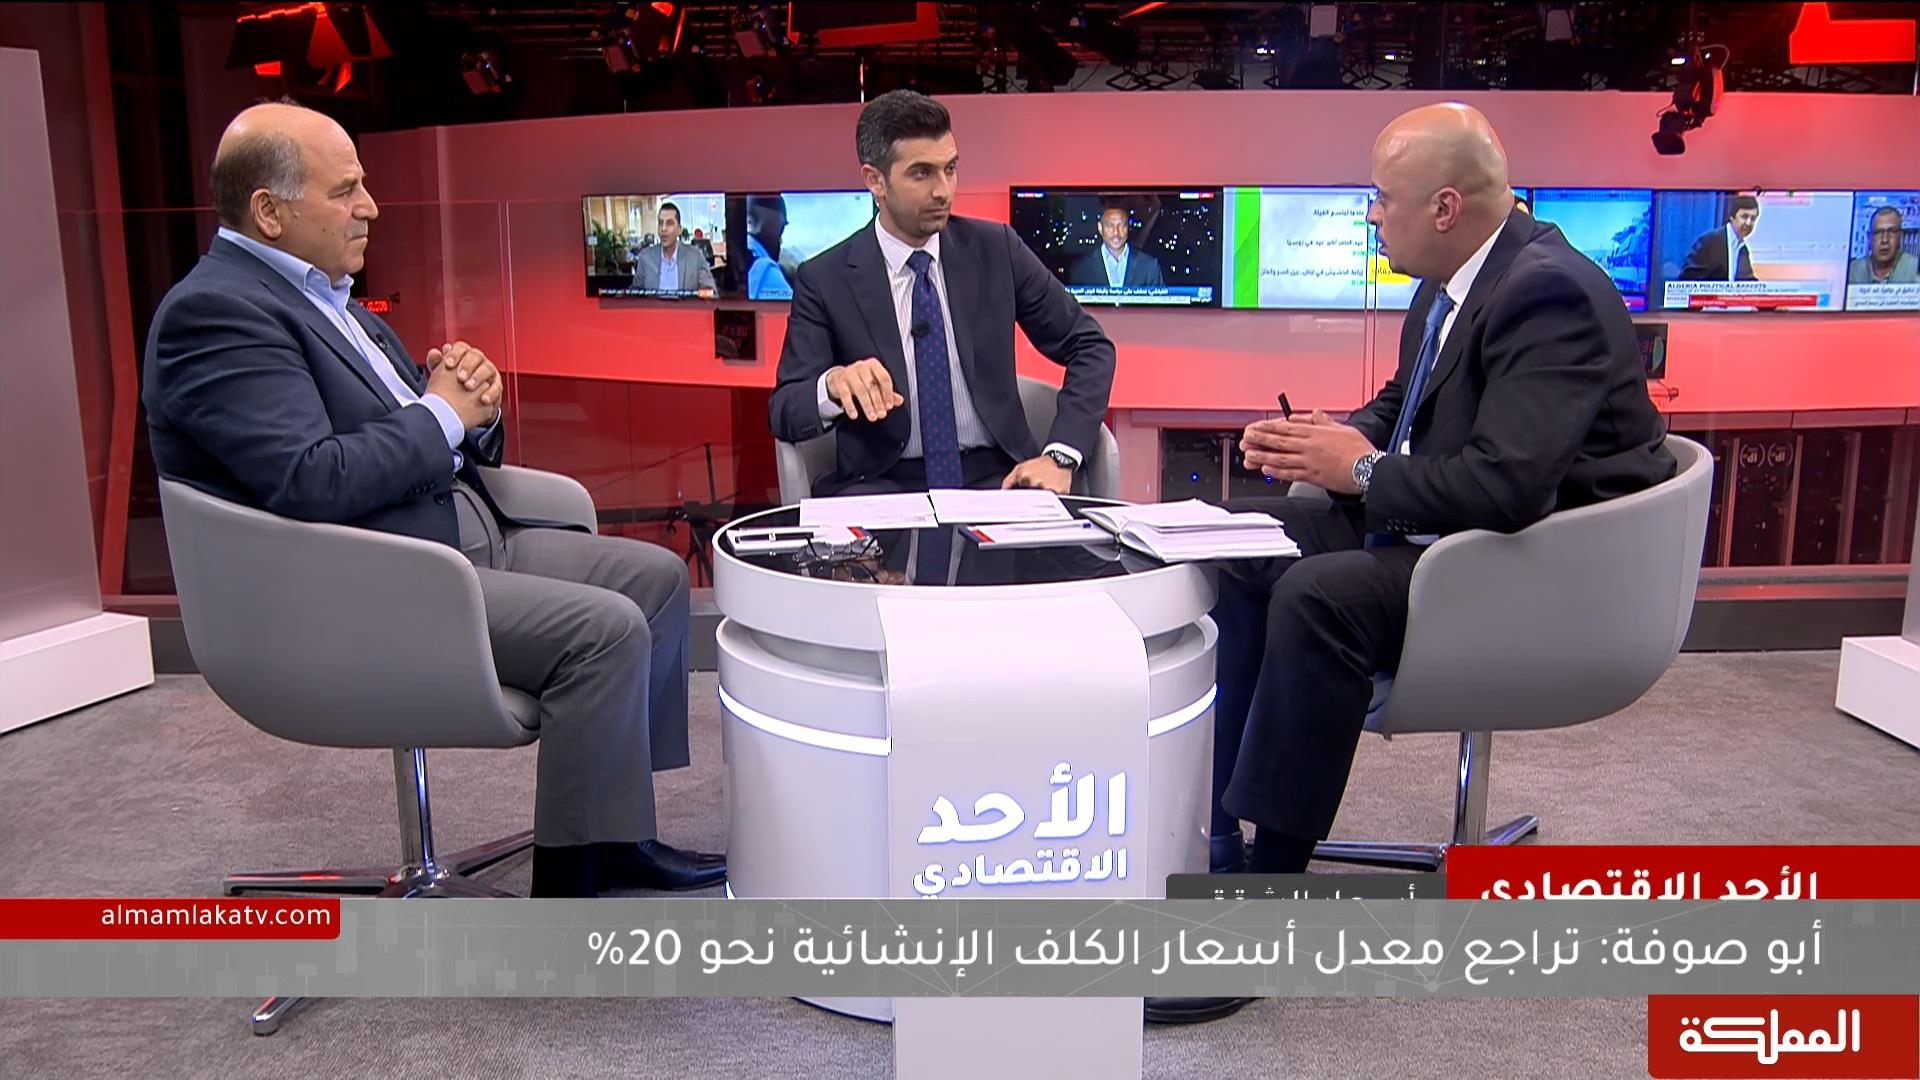 الأحد الاقتصادي   أسعار الشقق في الأردن، الكلف والمبررات